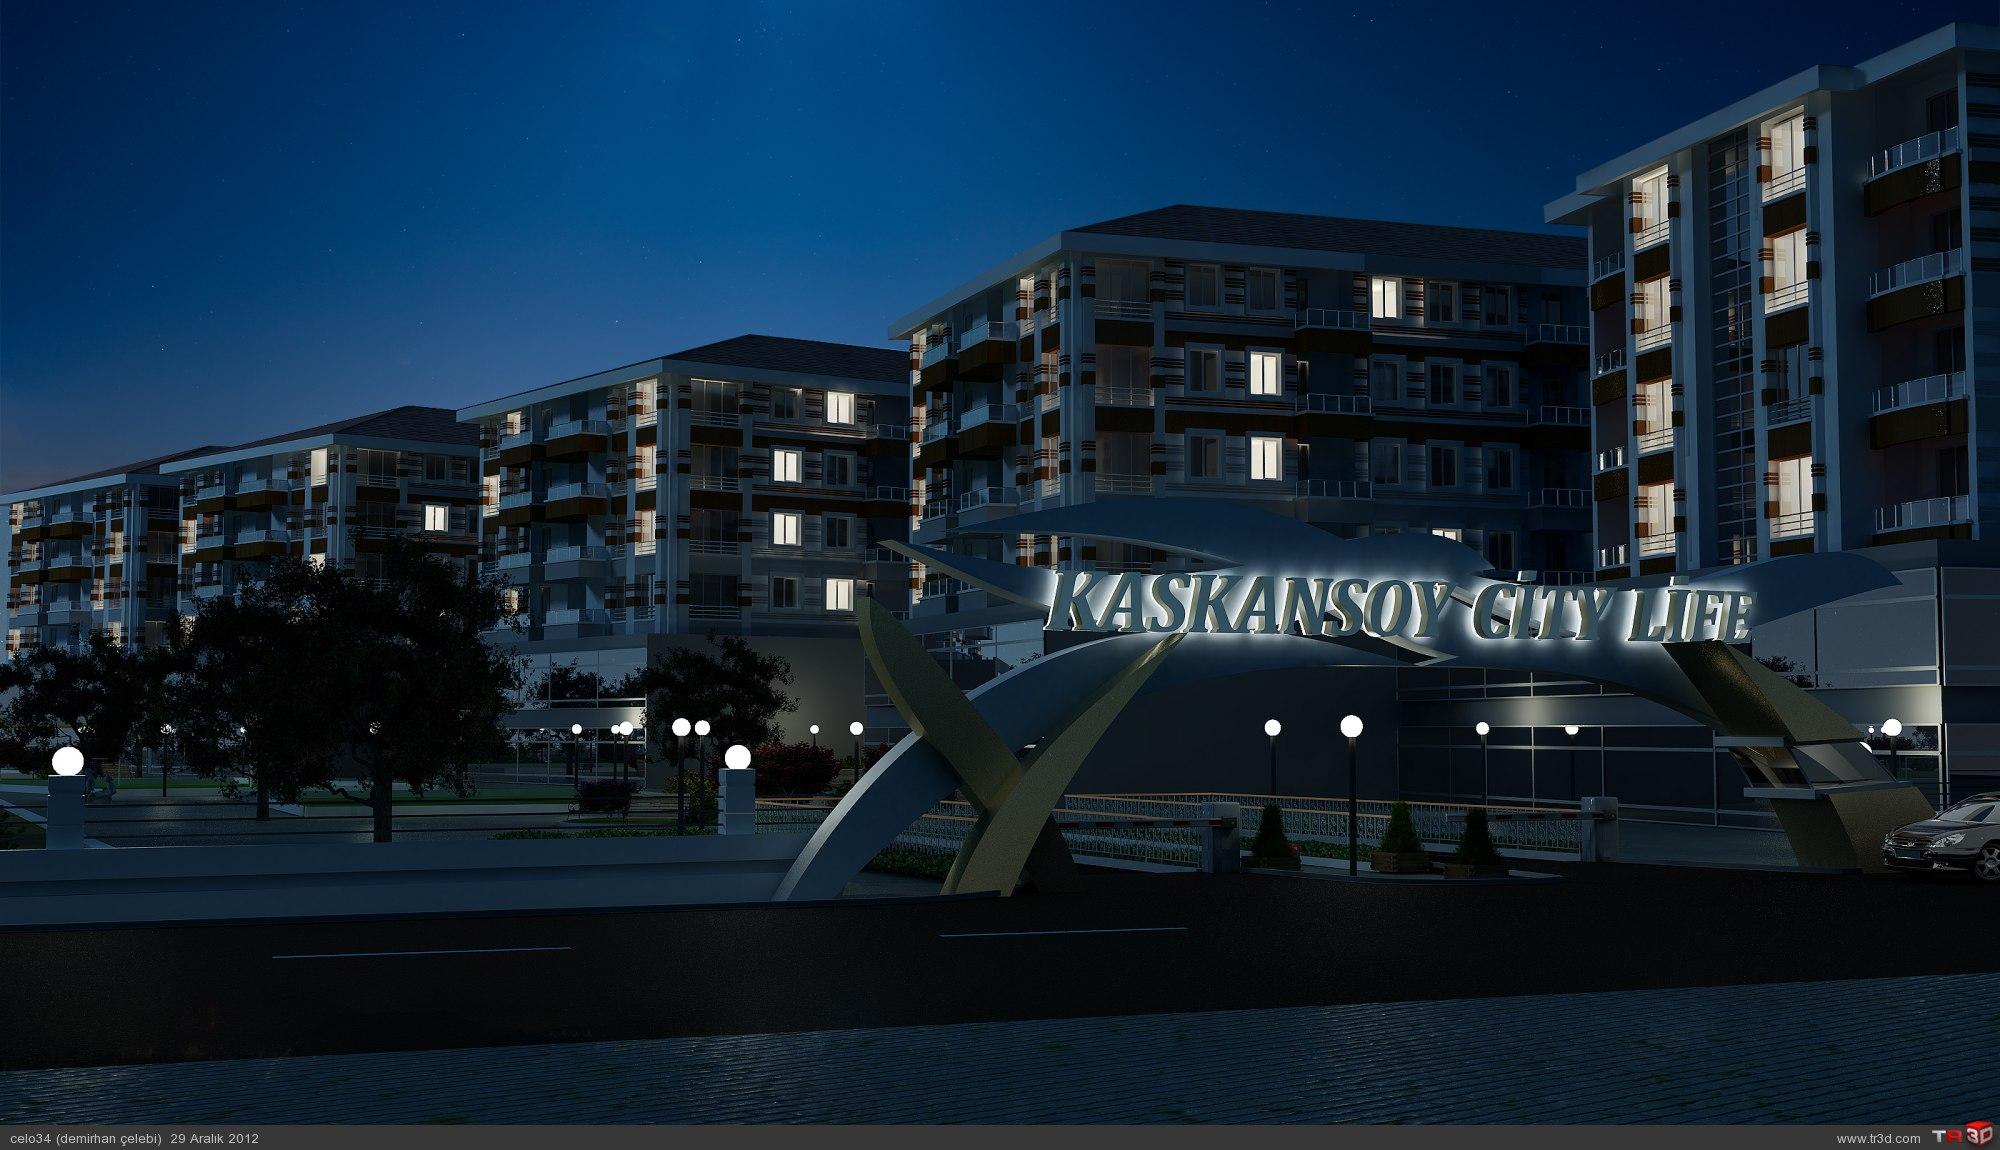 kaskansoy city life